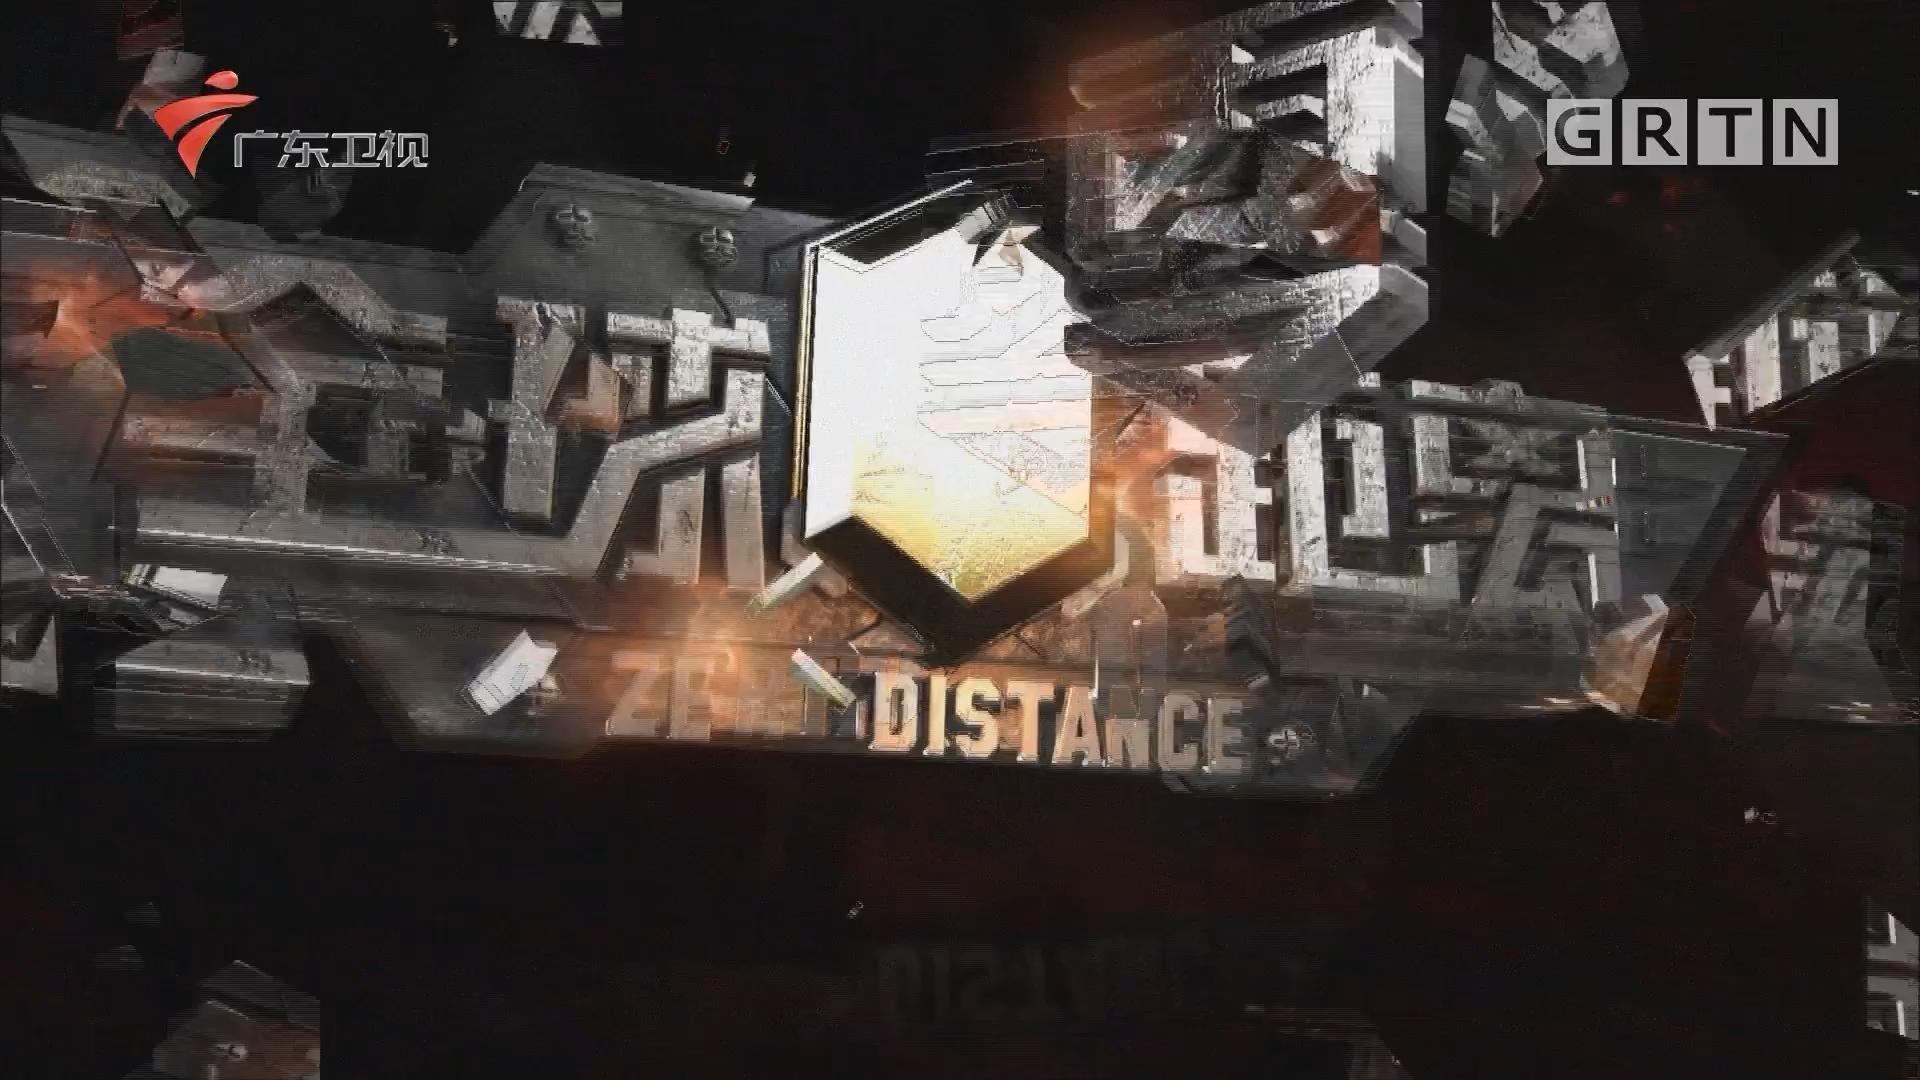 [HD][2019-09-10]全球零距离